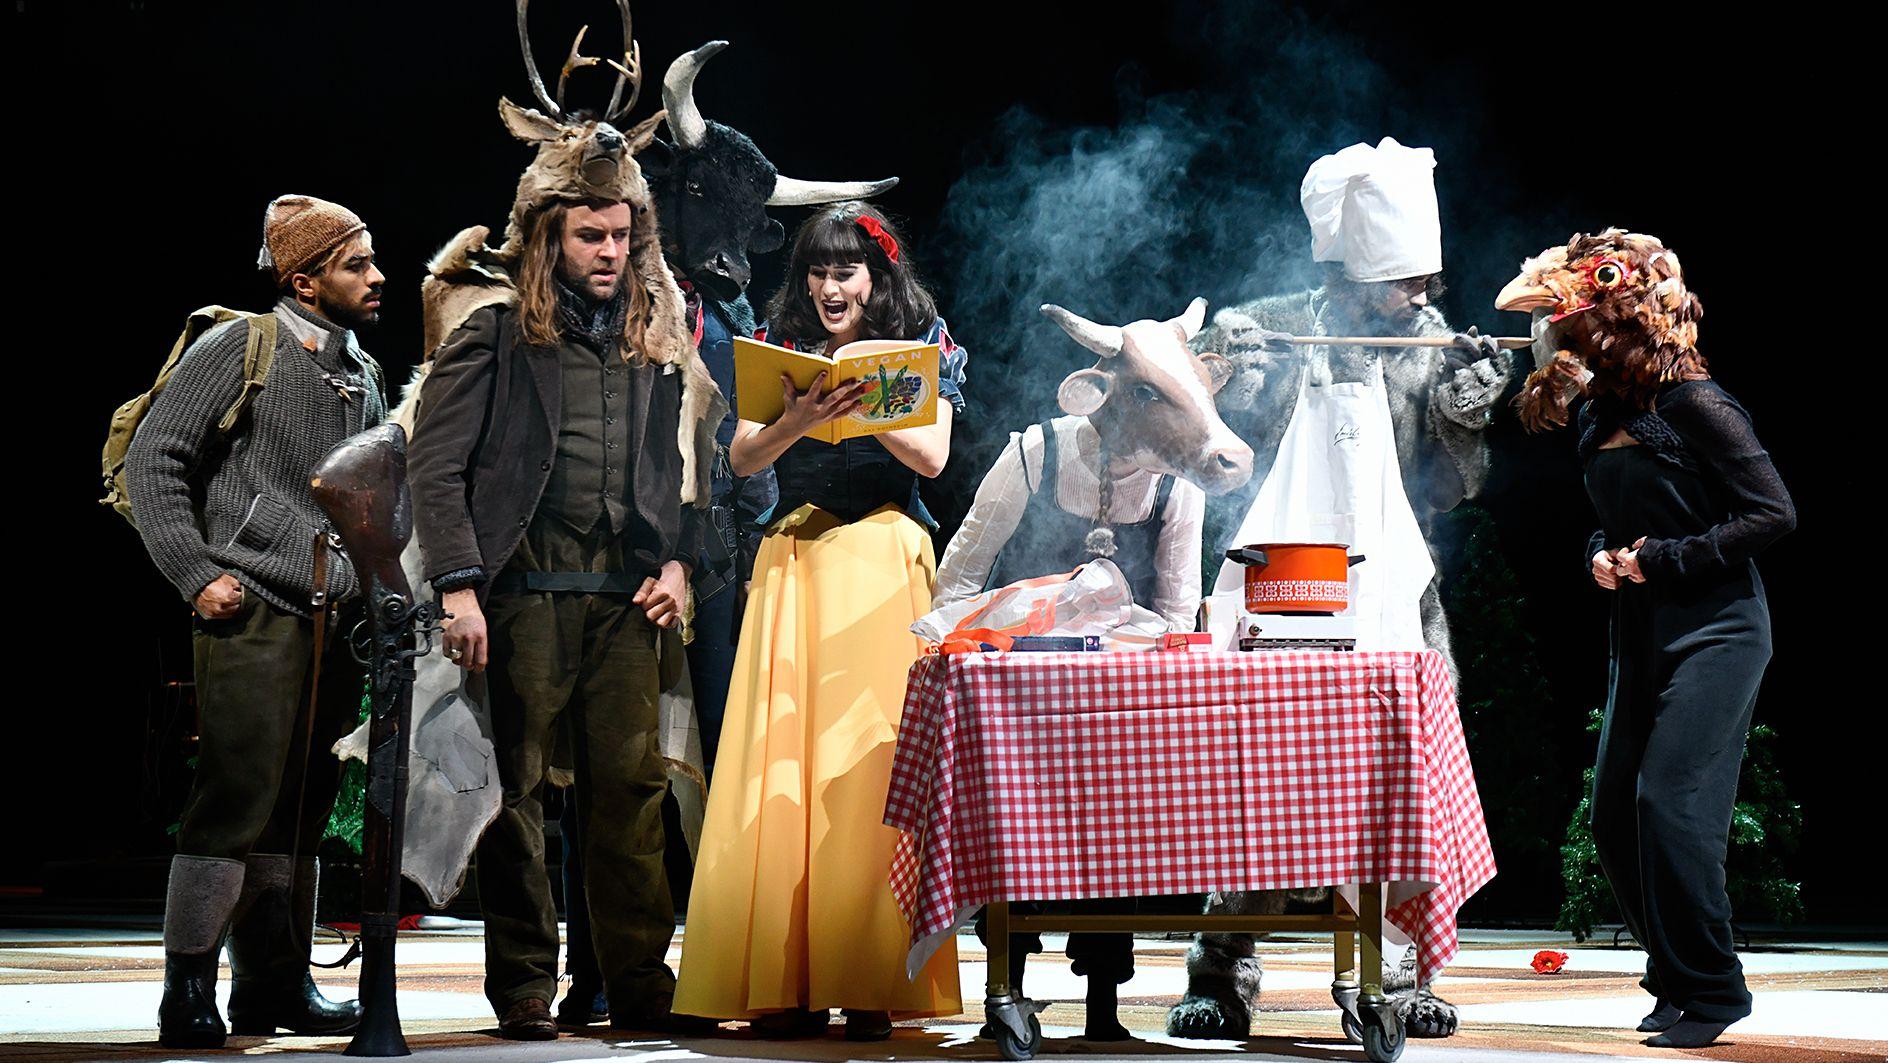 """Bild der Aufführung """"Schneewittchen"""" am Schauspiel Zürich. Es sind verschiedene Märchenfiguren zu sehen, darunter auch Schnewittchen selbst in gelbem Rock und roter Schleife im Haar."""